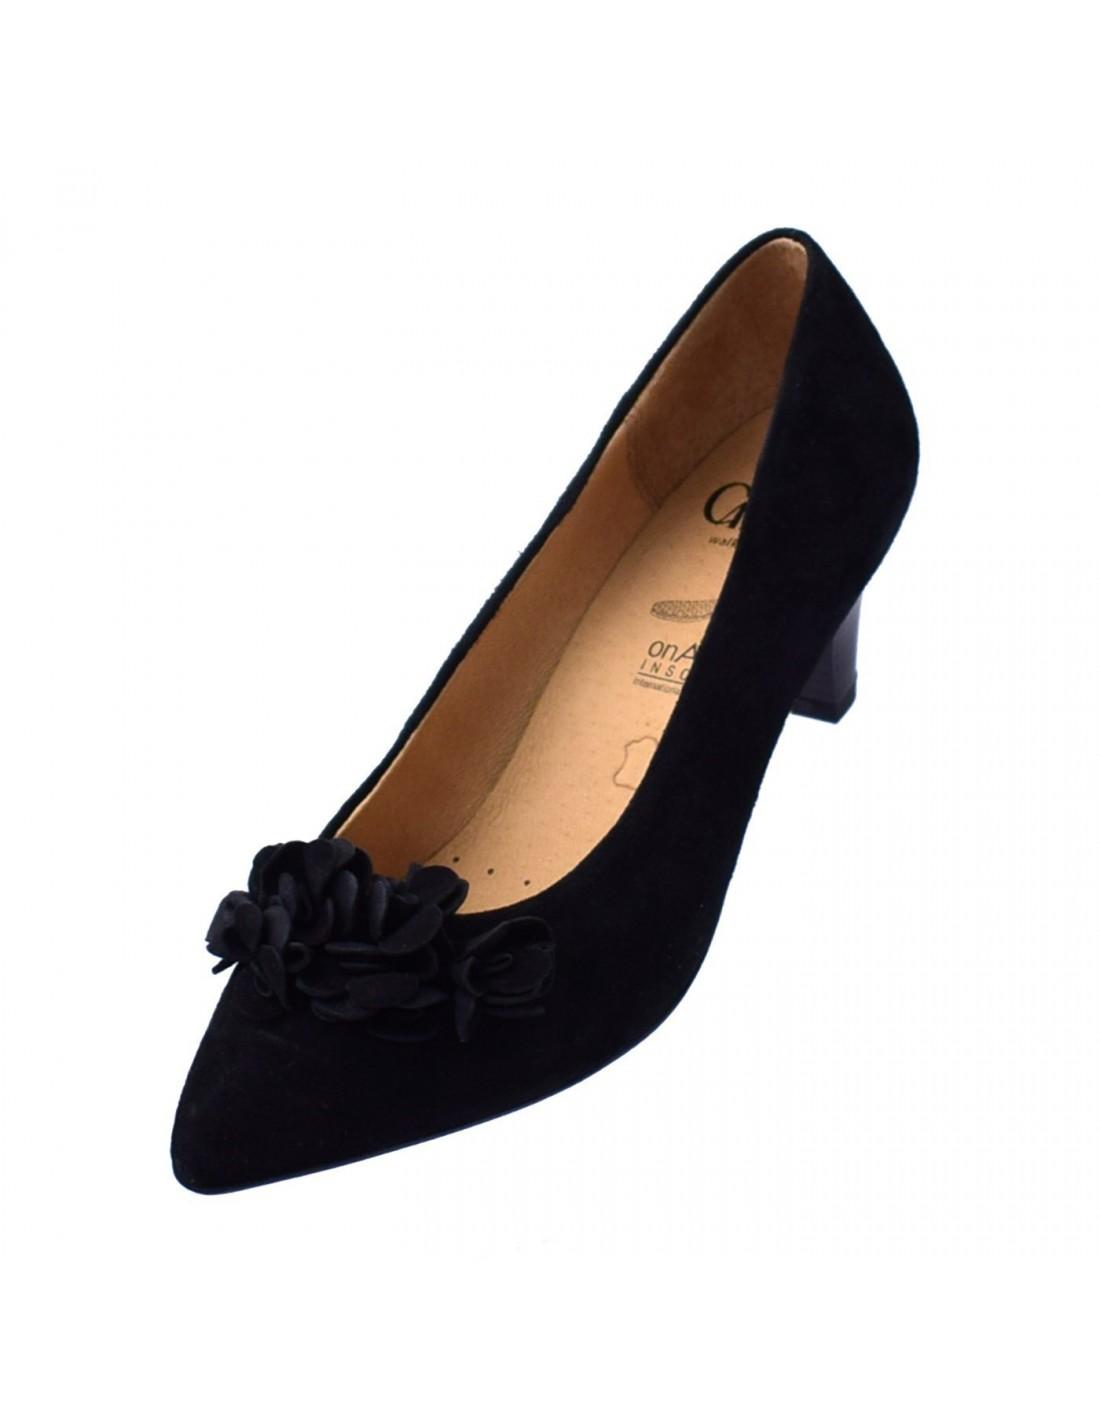 oferte exclusive prețuri incredibile cel mai popular Pantofi dama, piele naturala, marca Caprice, Cod 22401-1, cu